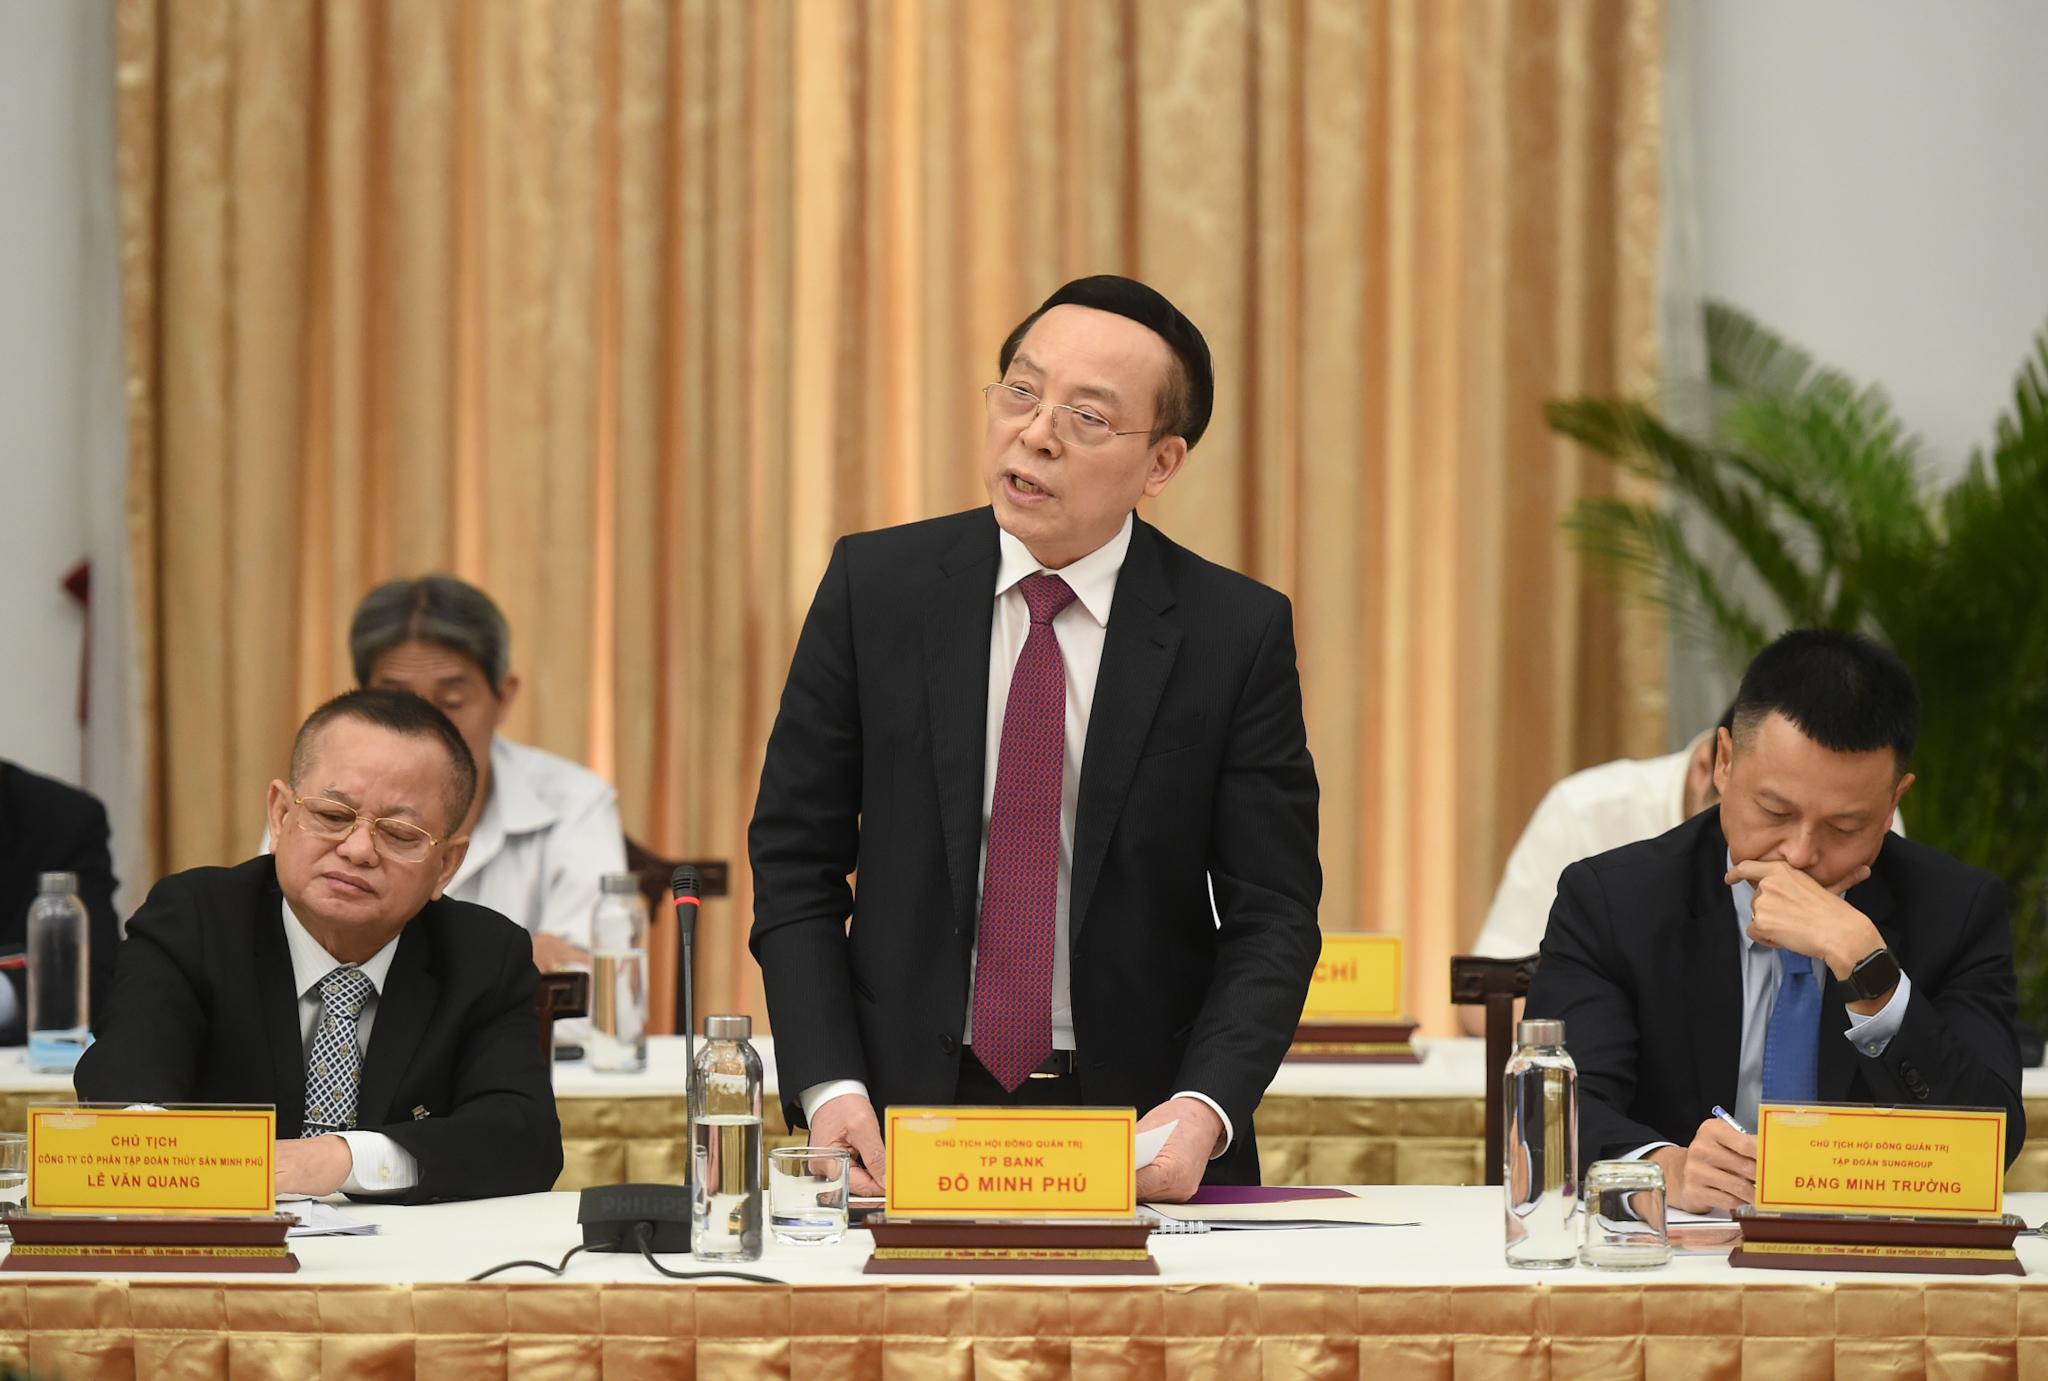 Chủ tịch TPBank gợi ý 4 từ khóa để 'cởi trói cho kinh tế tư nhân' - Ảnh 1.